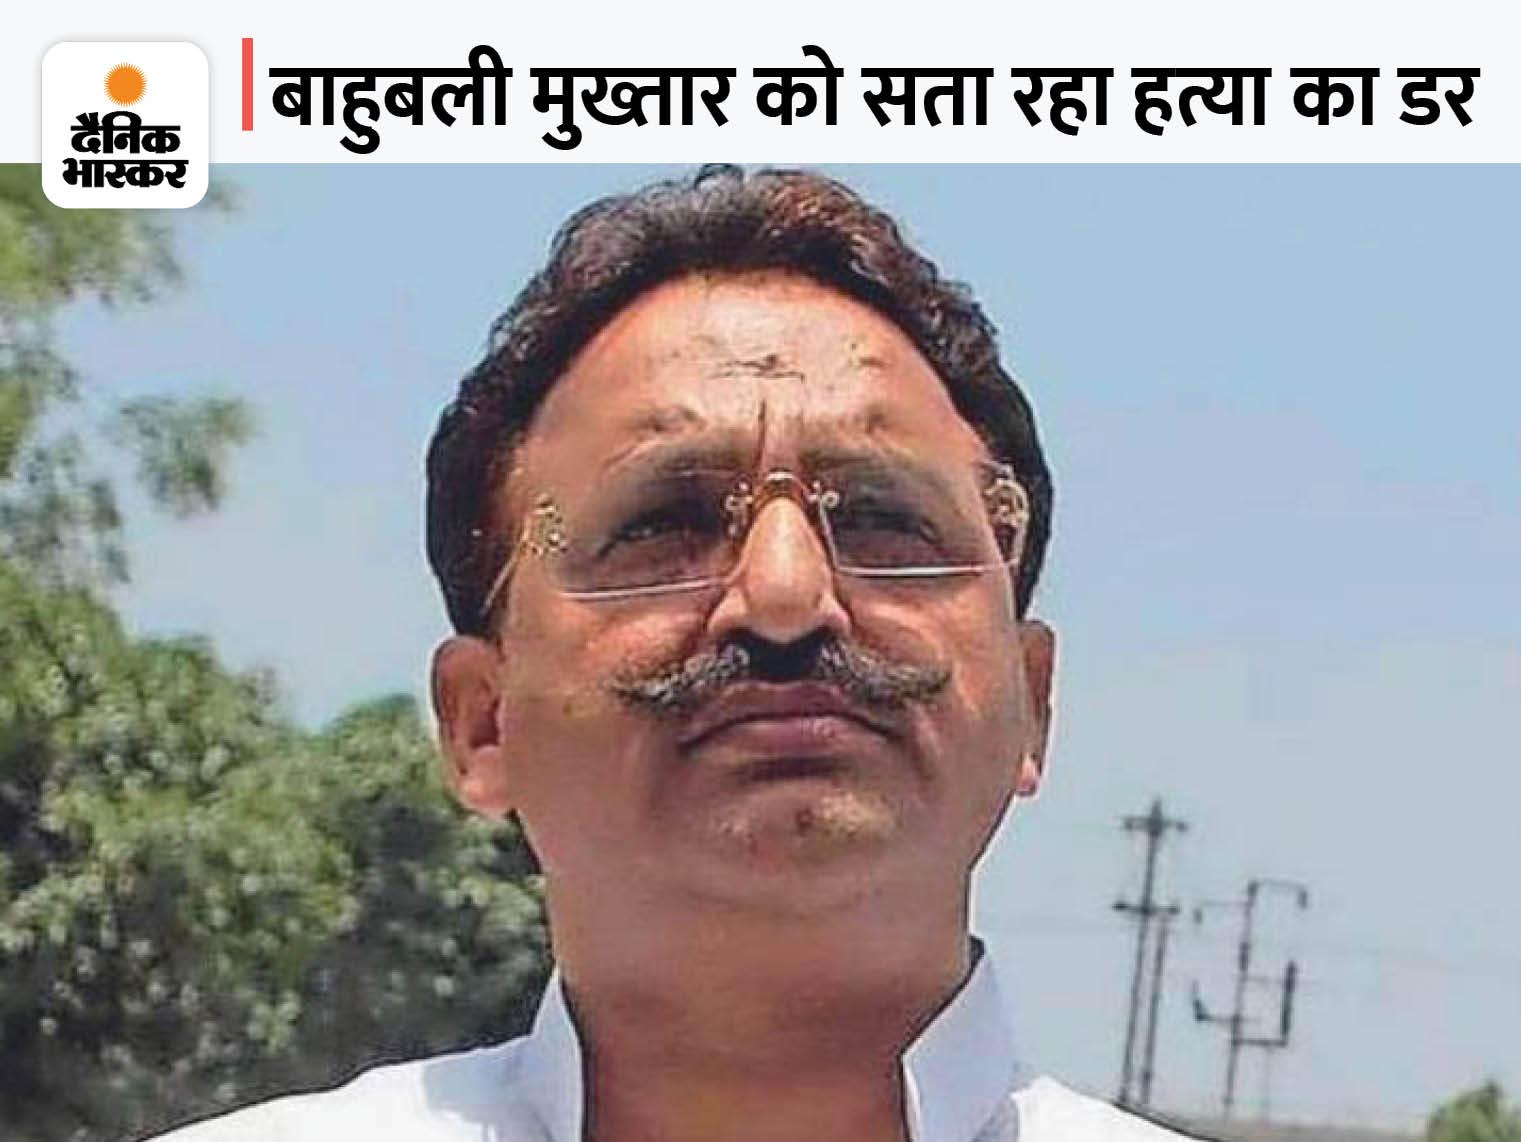 बाराबंकी कोर्ट में वर्चुअल पेशी के वक्त कहा- मेरी हत्या के लिए दी गई 5 करोड़ की सुपारी, बांदा जेल में आ रहे संदिग्ध बाराबंकी,Barabanki - Dainik Bhaskar